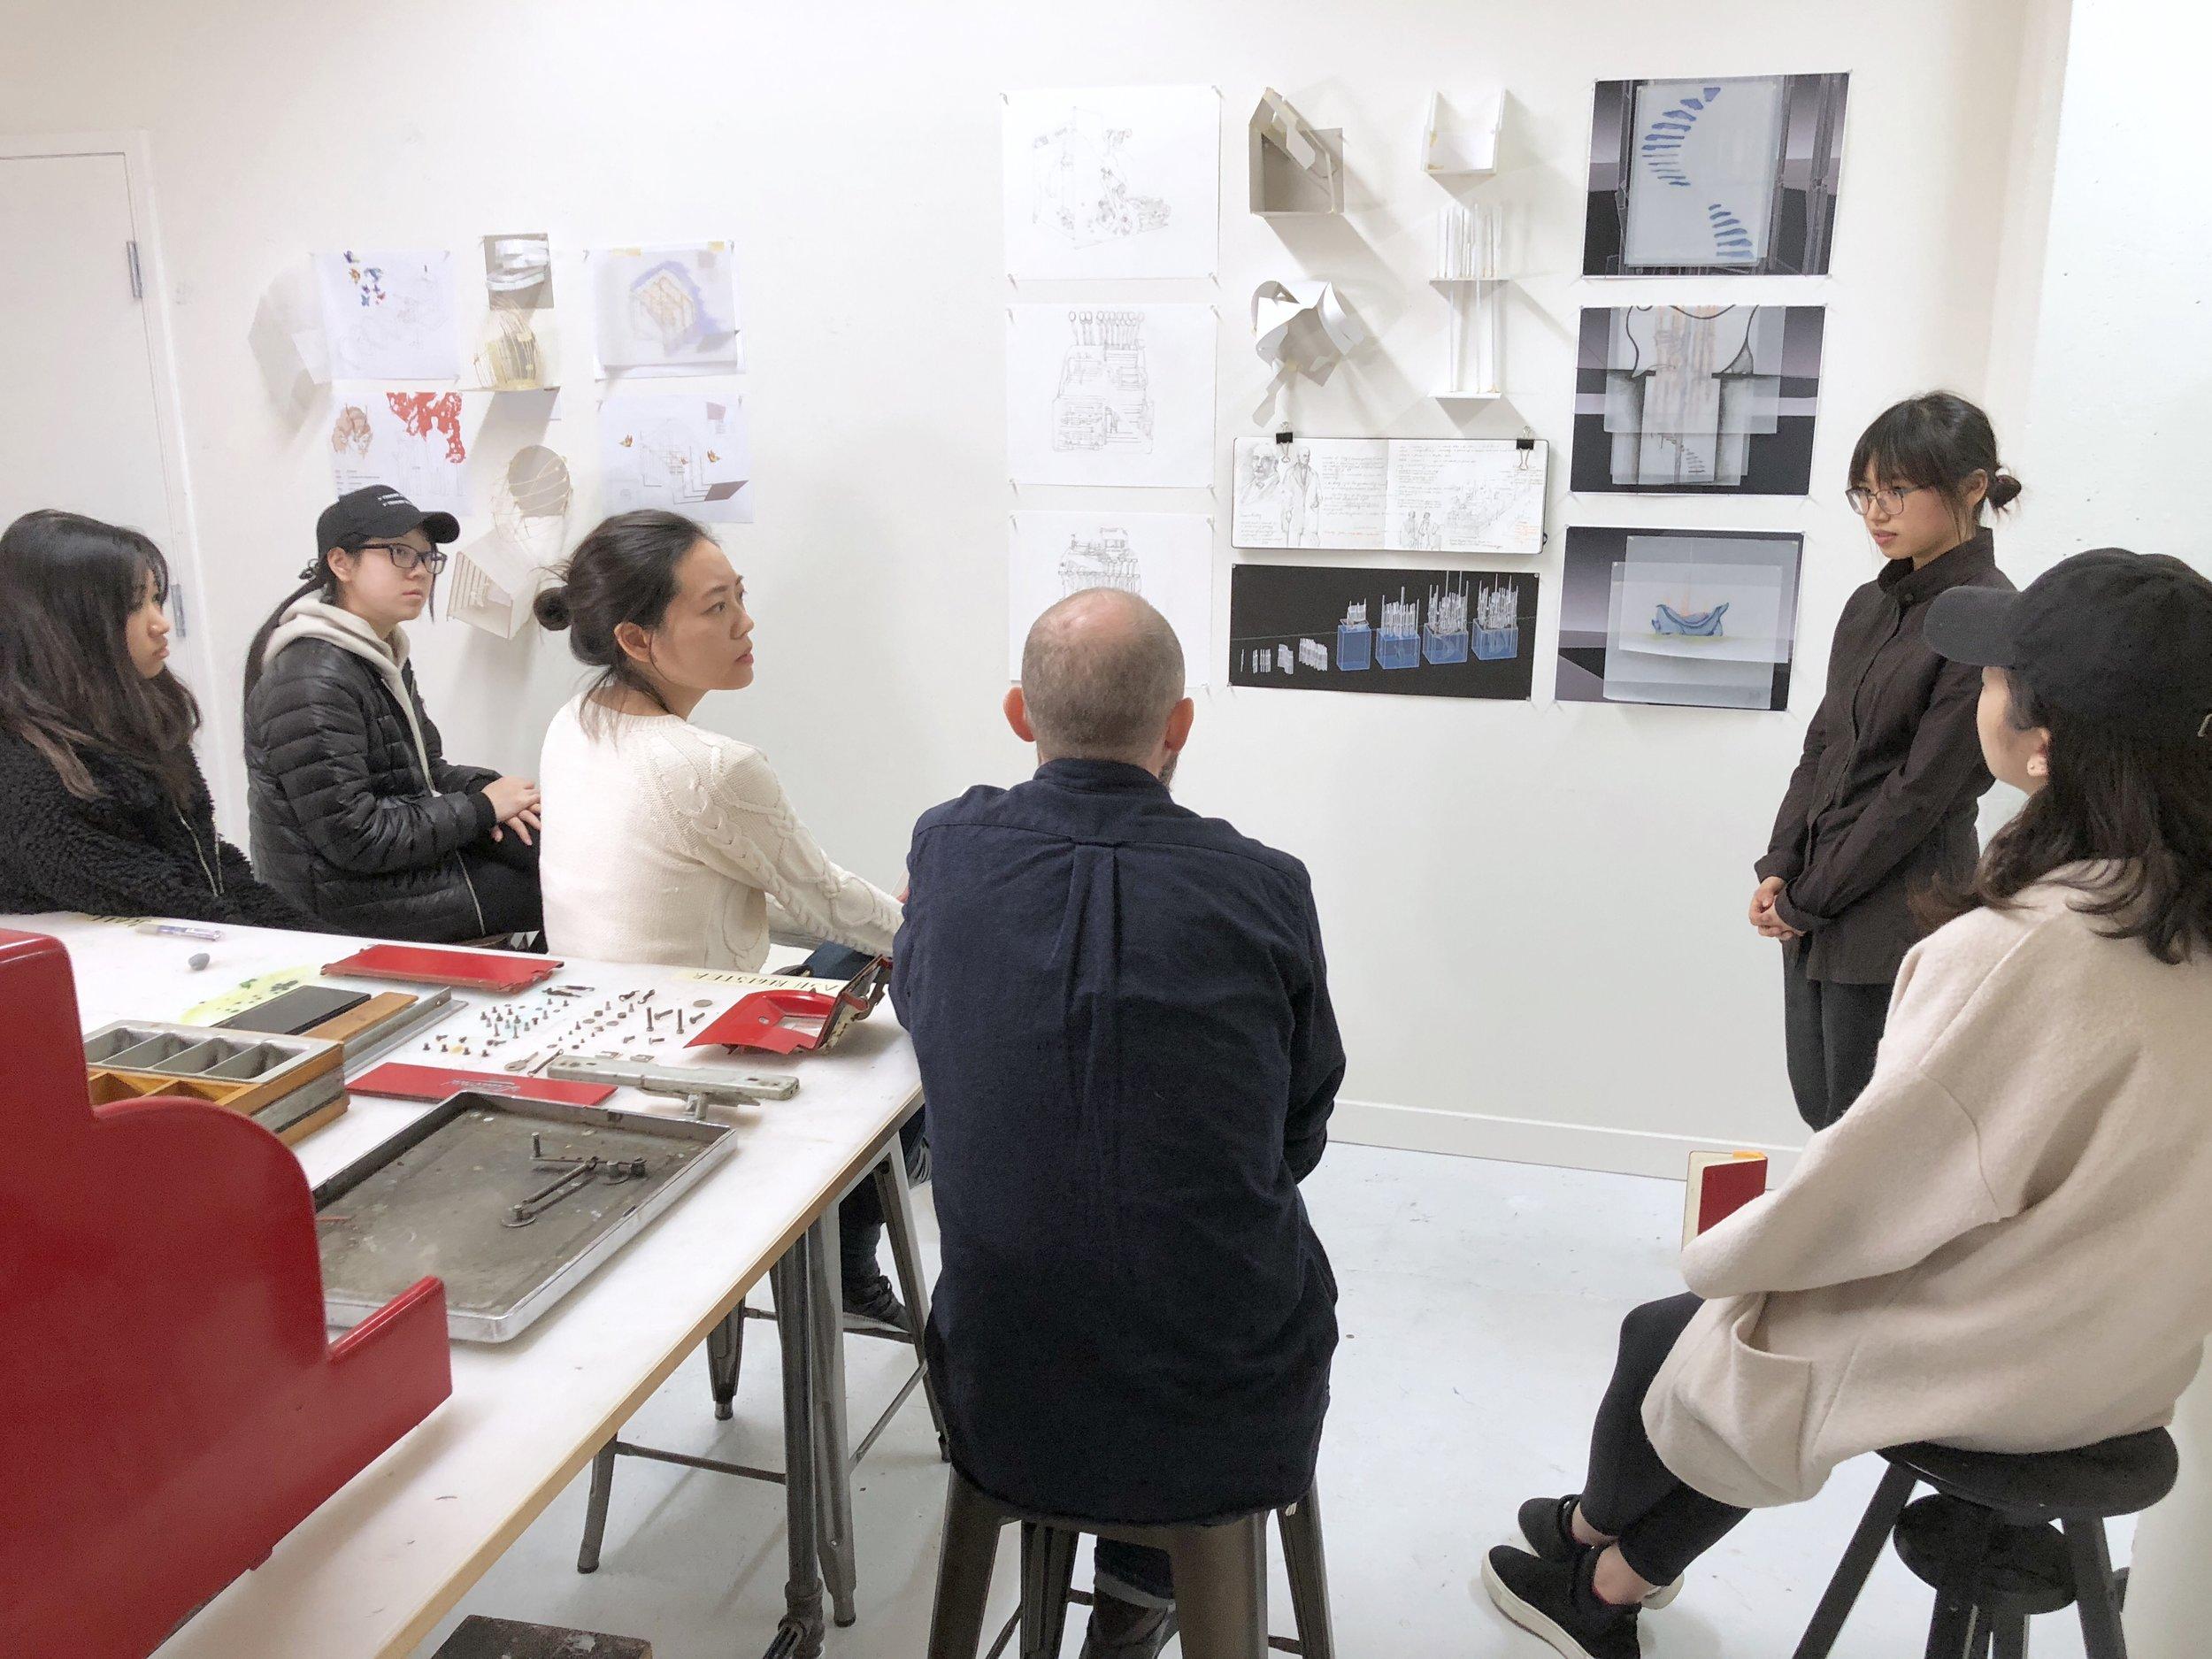 2018春假建筑班: Architecture of the everyday